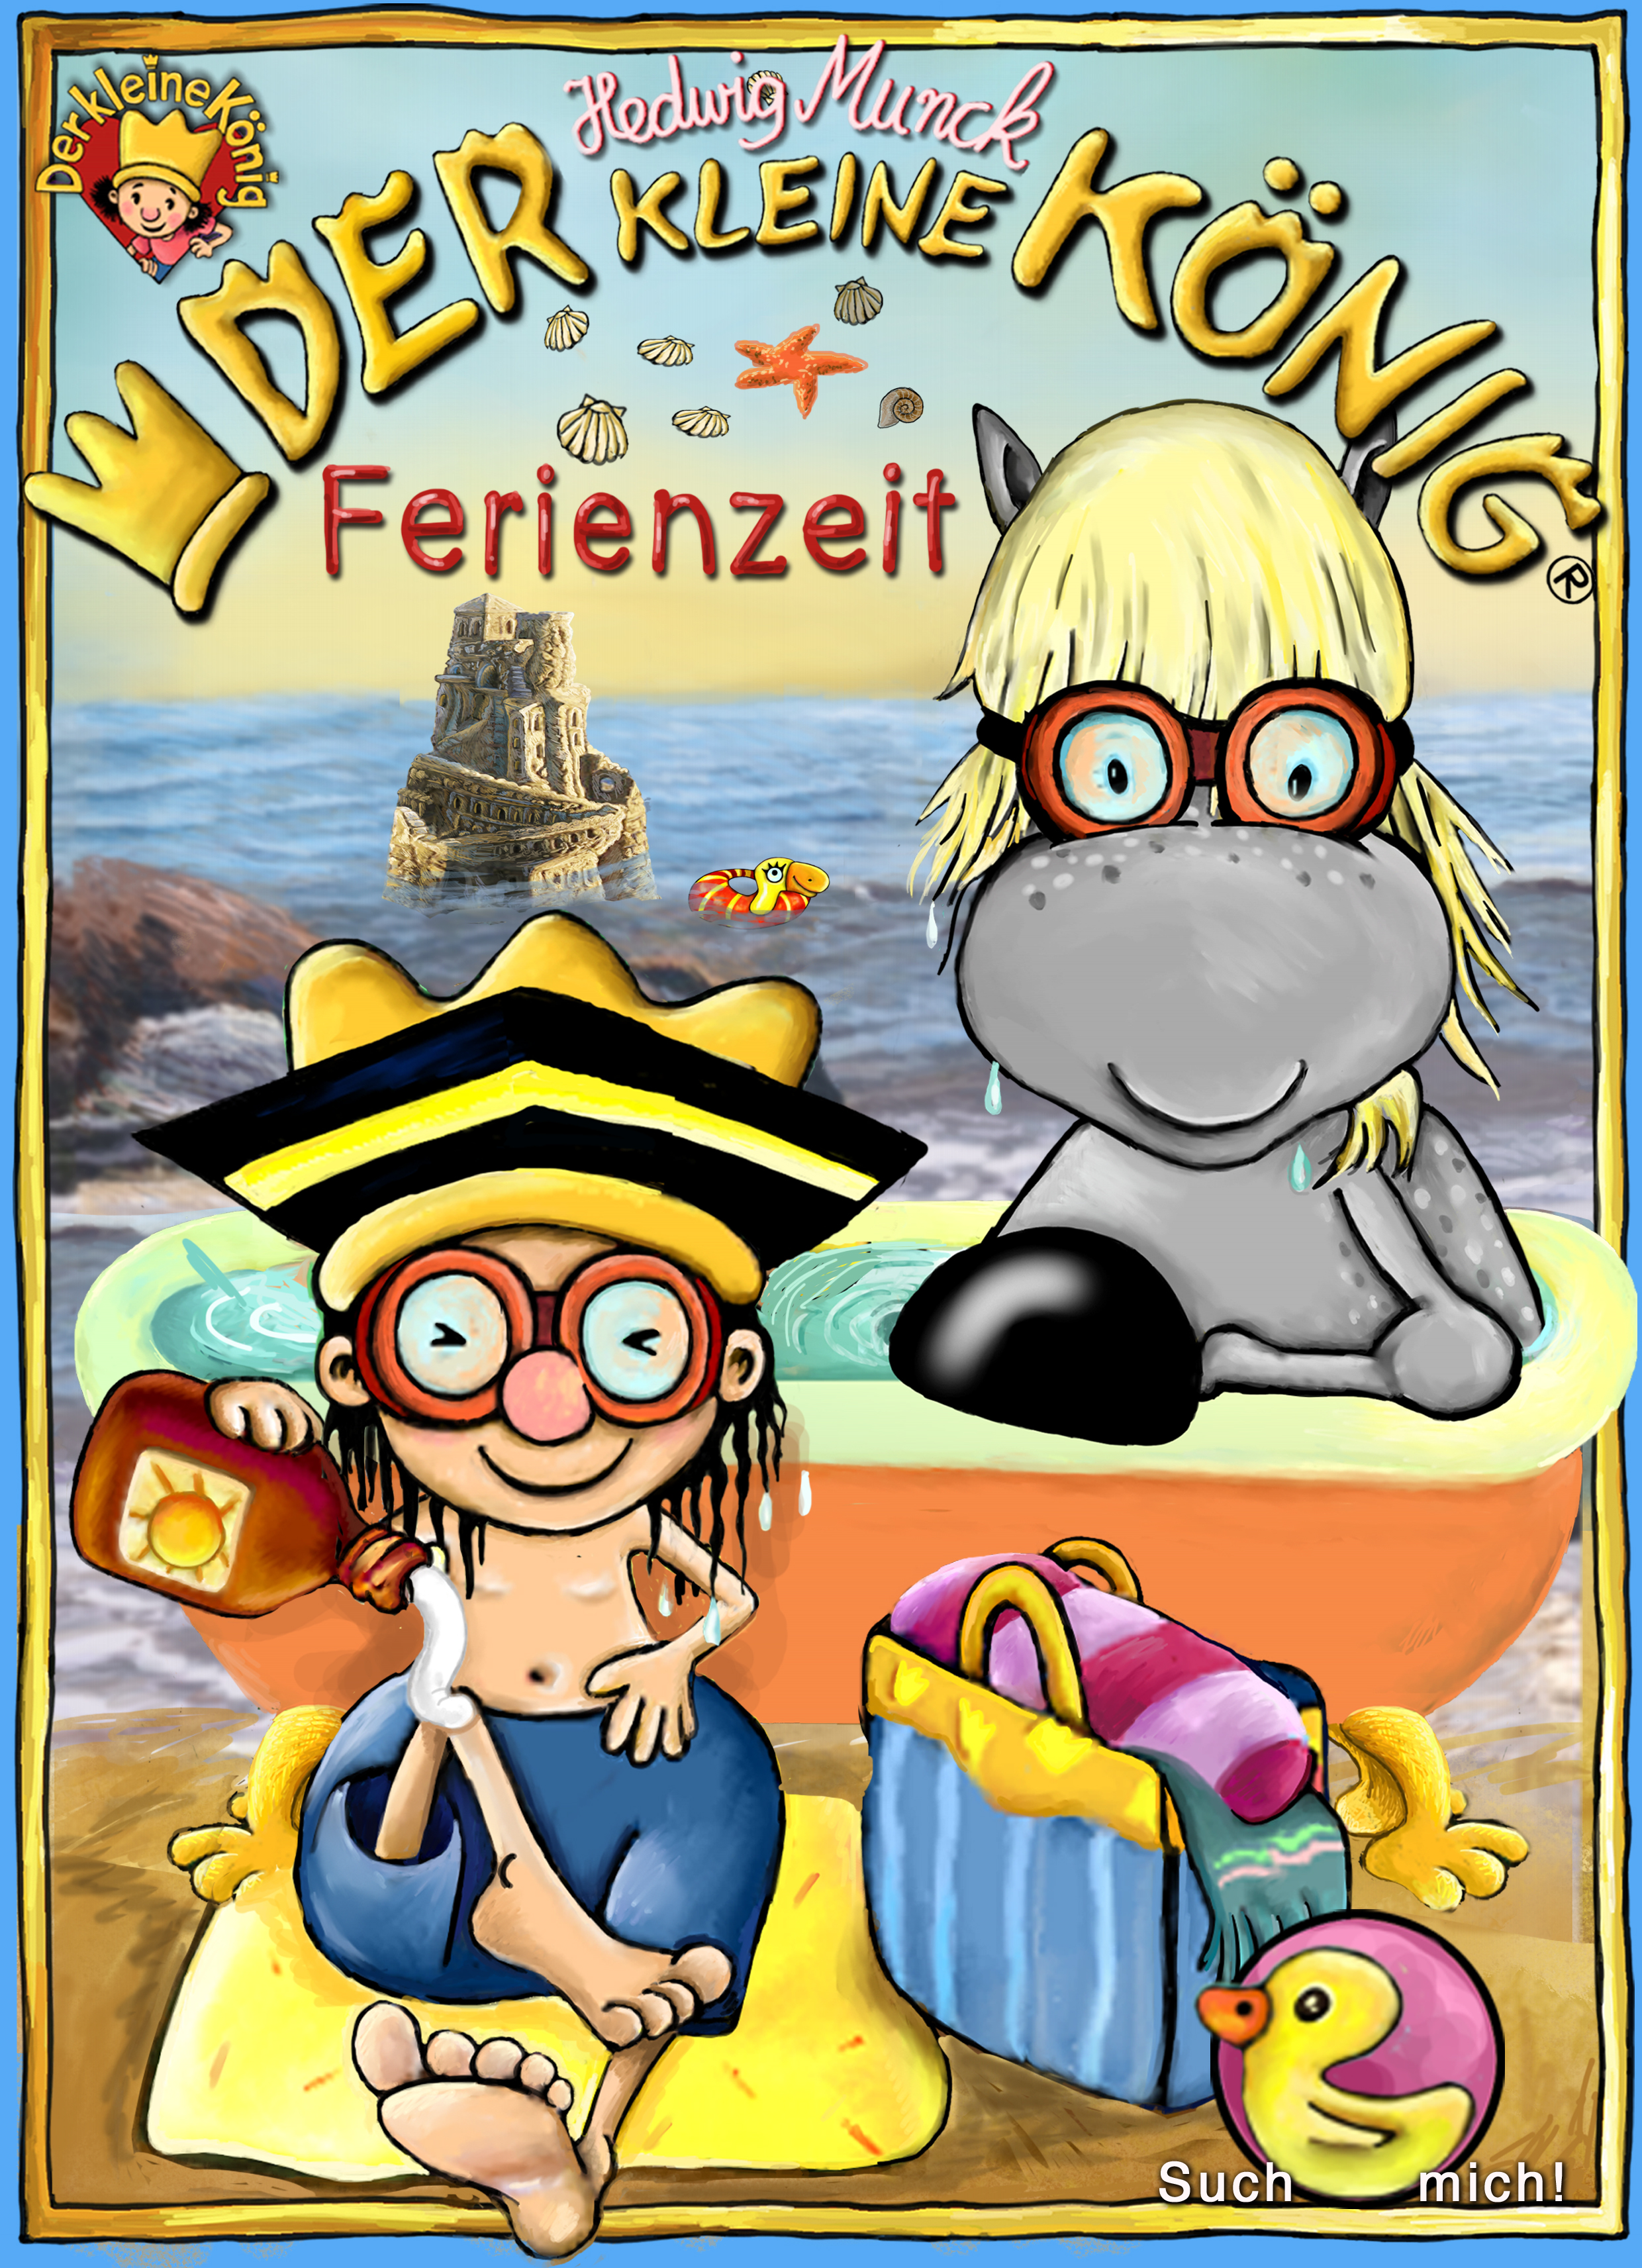 Hedwig Munck Der kleine König - Ferienzeit munck hedwig der kleine konig und der verlorene zahn page 3 page 5 page 10 page 7